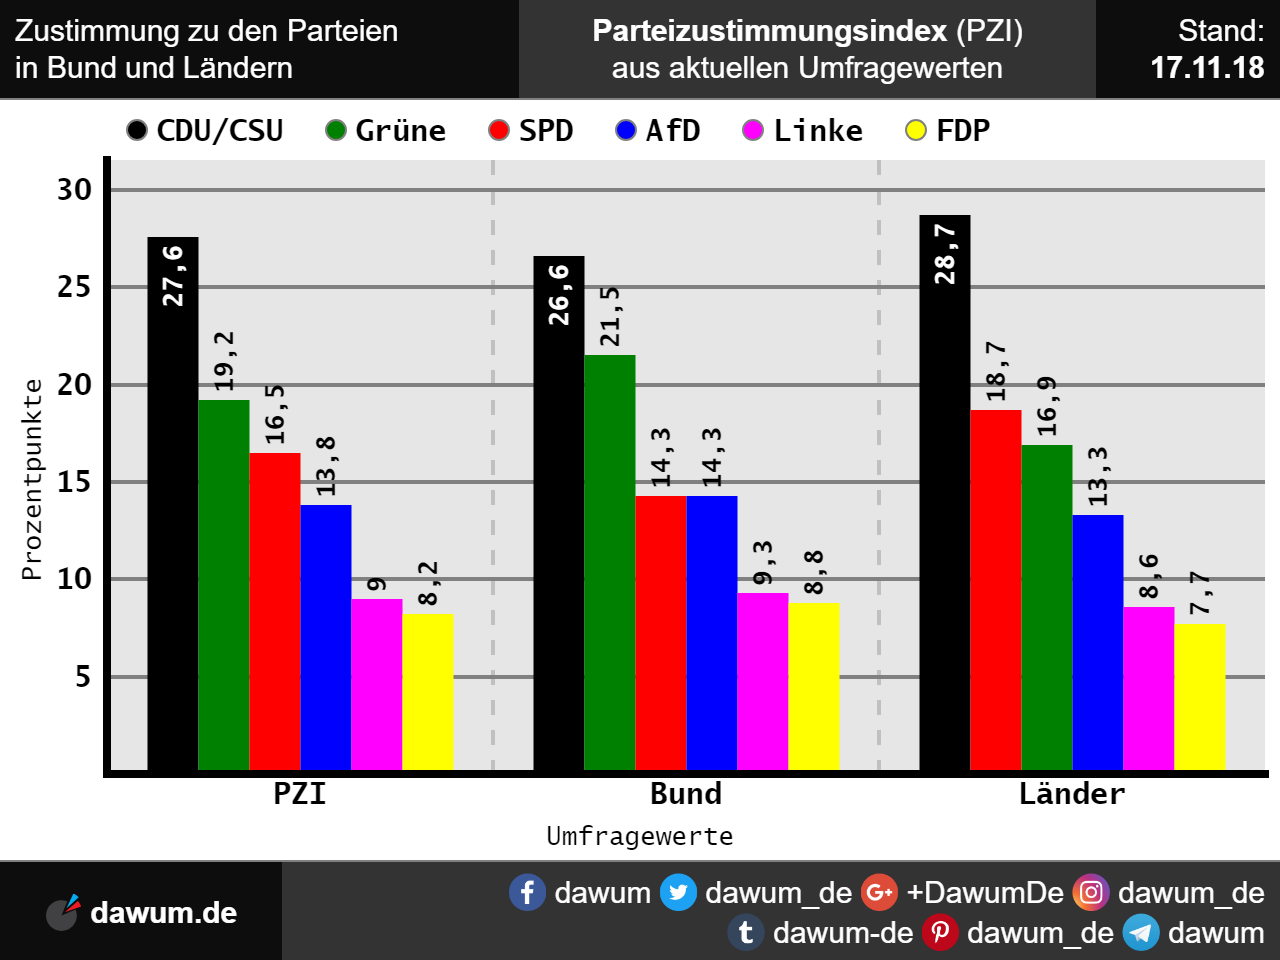 Bundestagswahl Umfragewerte